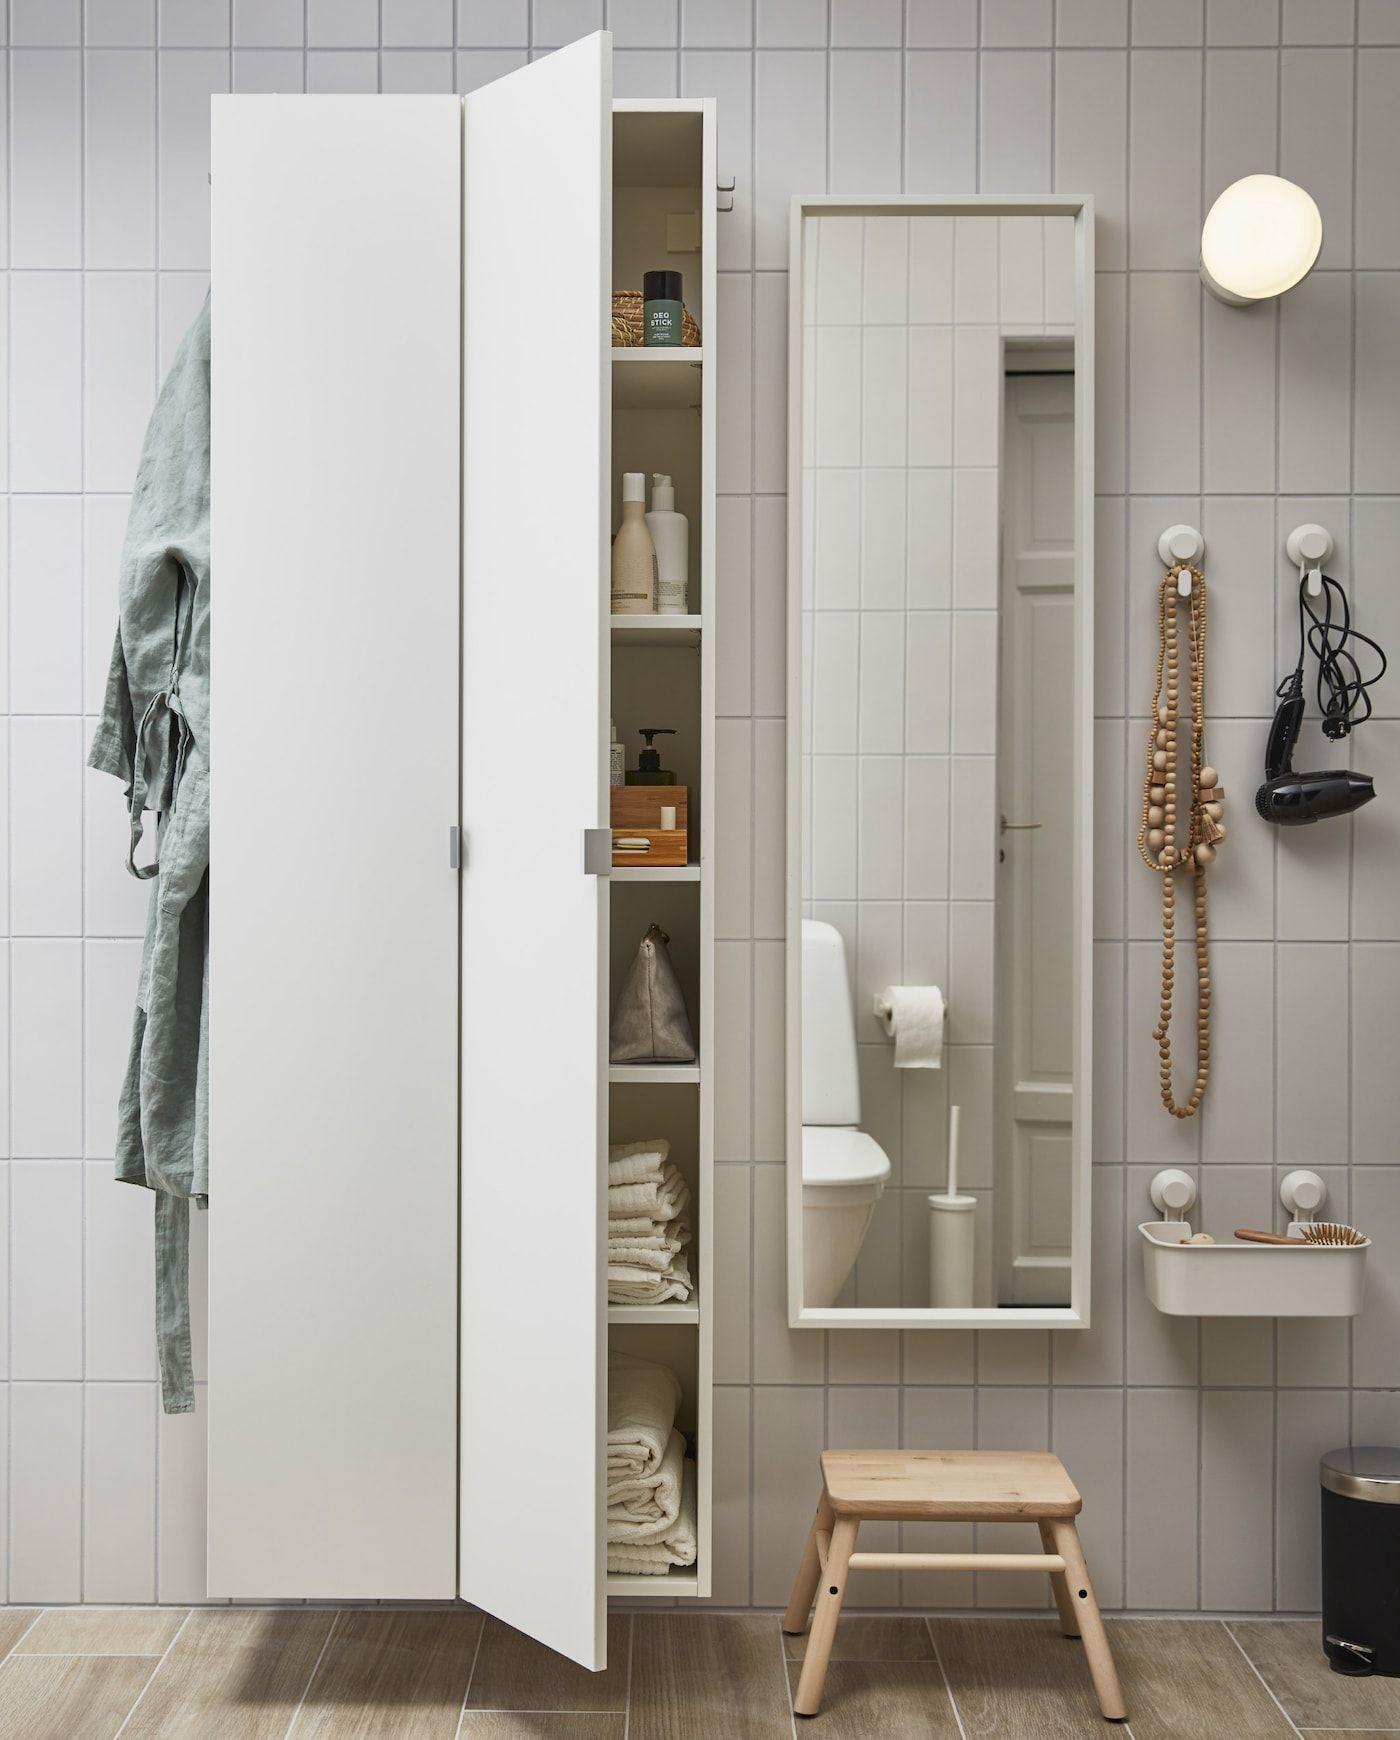 隠せる収納とコンパクトなソリューションを備えたバスルーム Ikea 公式 2020 バスルーム 収納 キャビネット